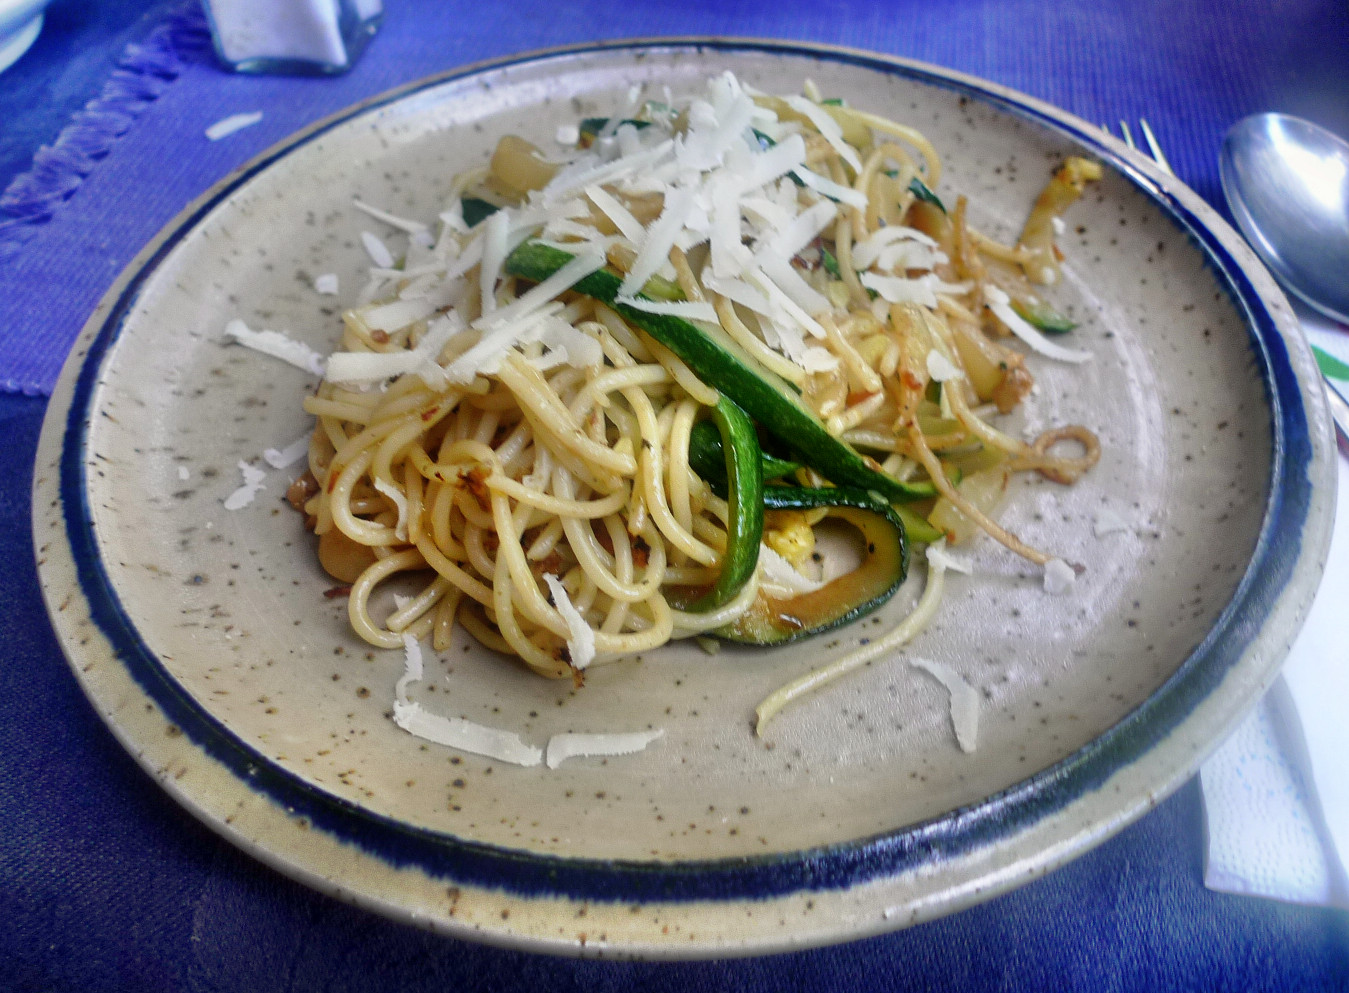 Spaghetti-Zucchinipfanne-27.8.14   (10)